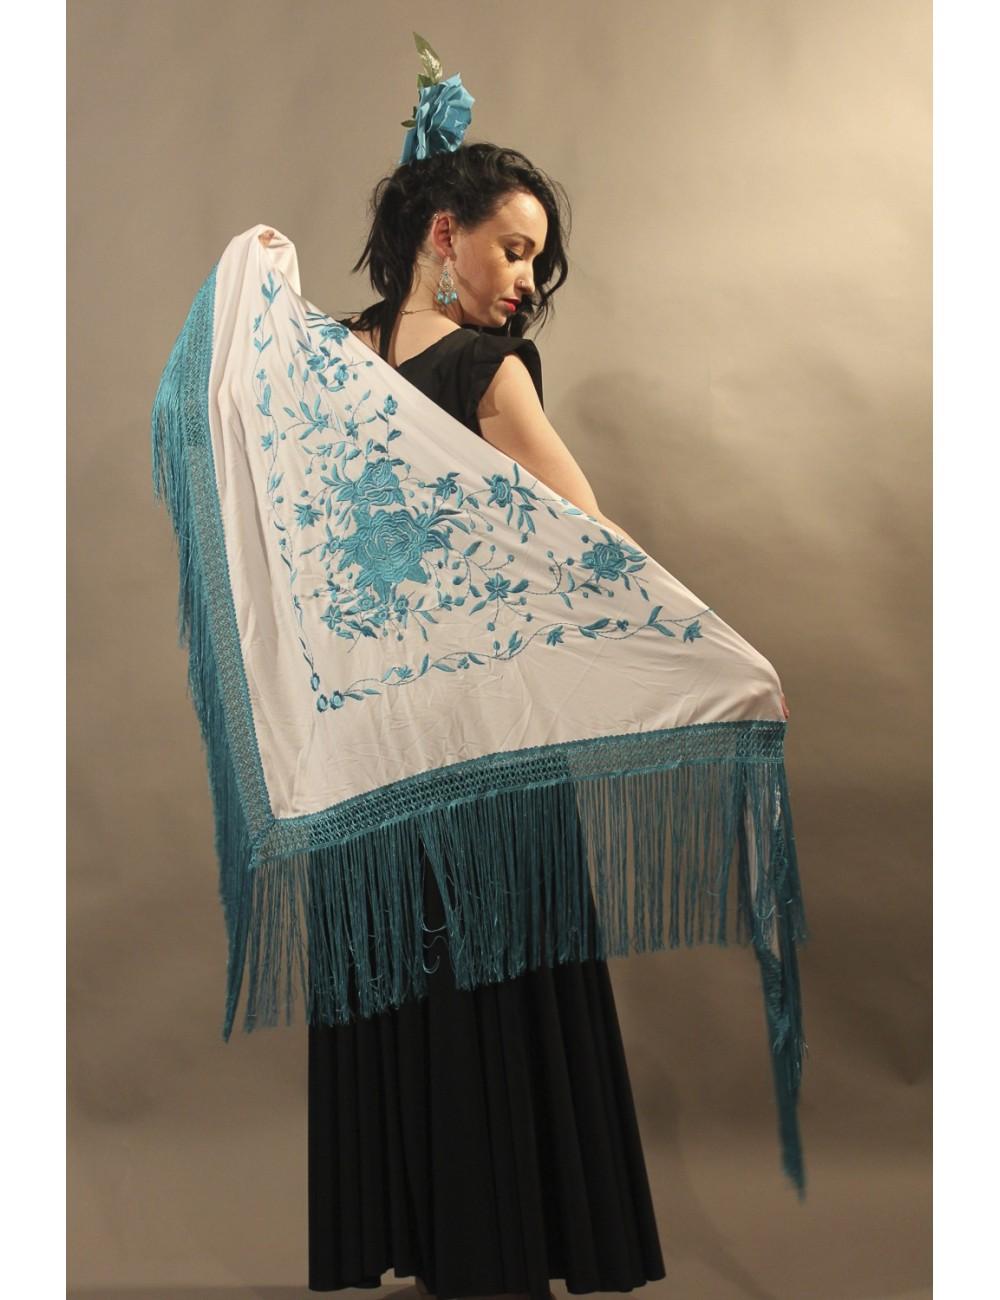 Grand châle andalous blanc brodé turquoise